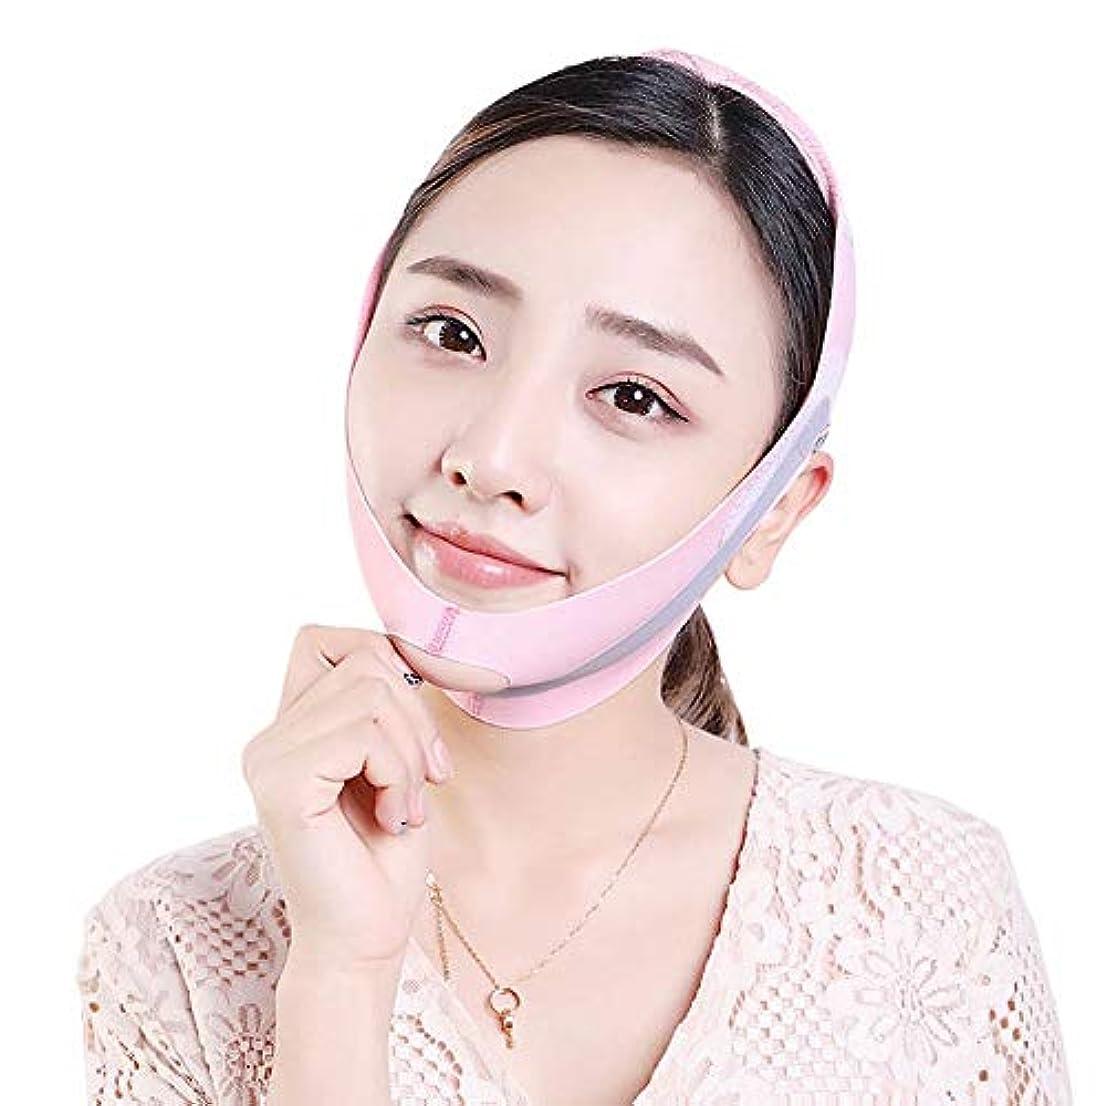 兄一般ミニGYZ たるみを防ぐために顔を持ち上げるために筋肉を引き締めるために二重あごのステッカーとラインを削除するために、顔を持ち上げるアーティファクト包帯があります - ピンク Thin Face Belt